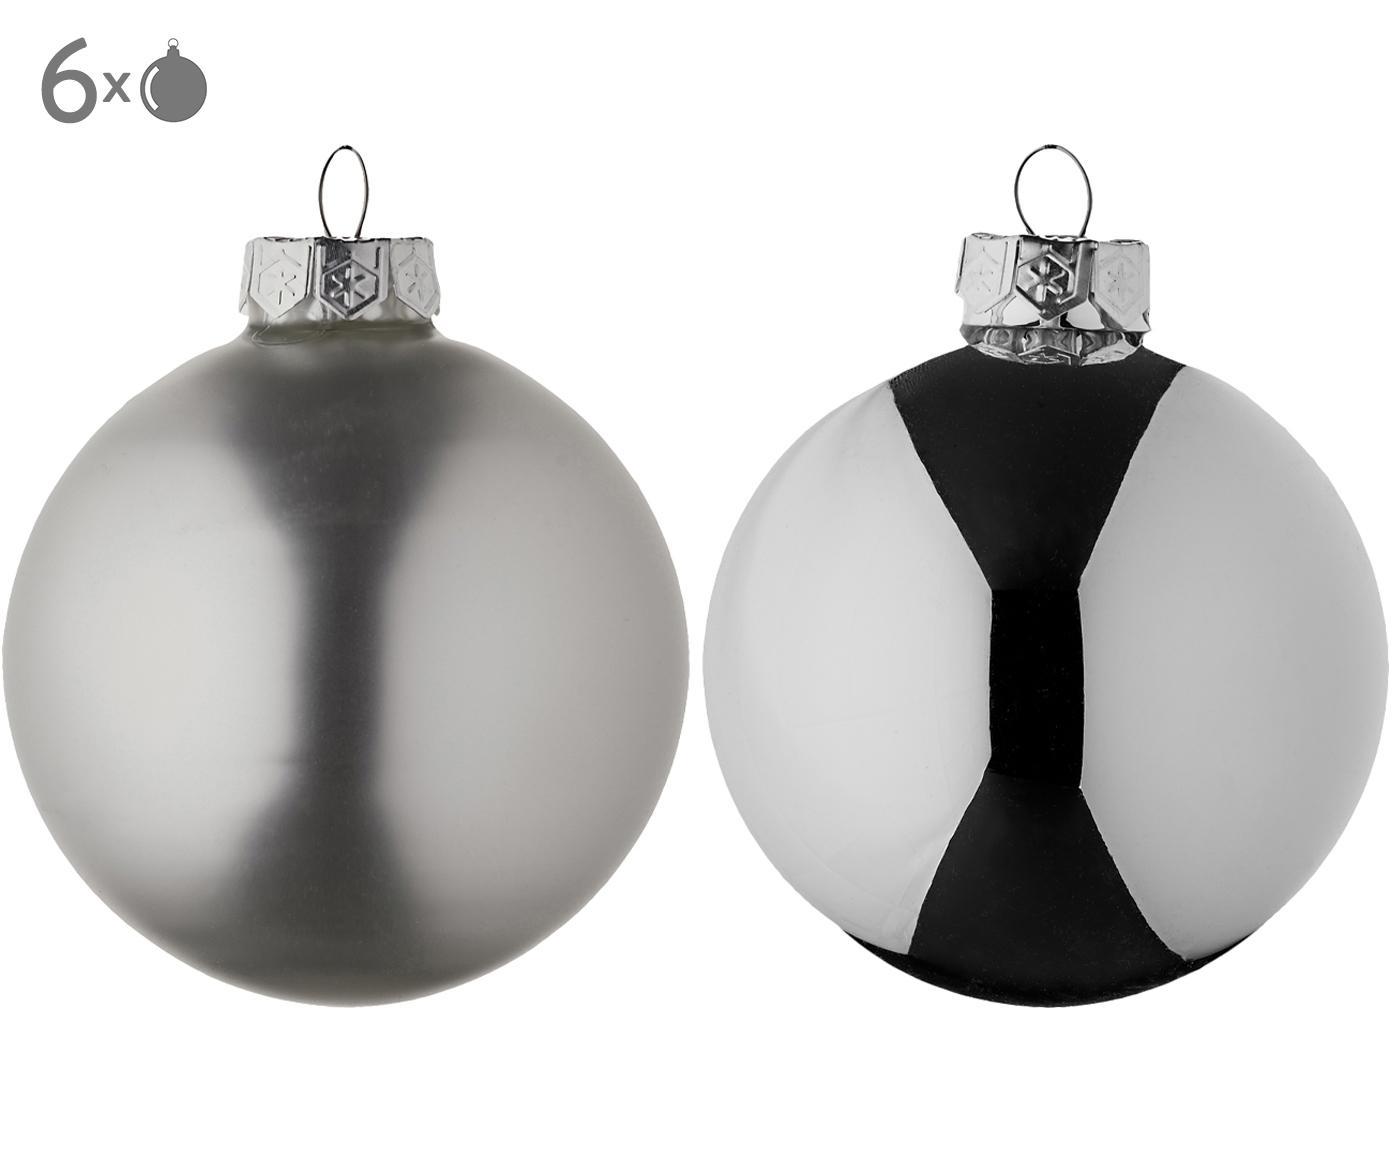 Kerstballenset Evergreen, 6-delig, Zilverkleurig, Ø 8 cm